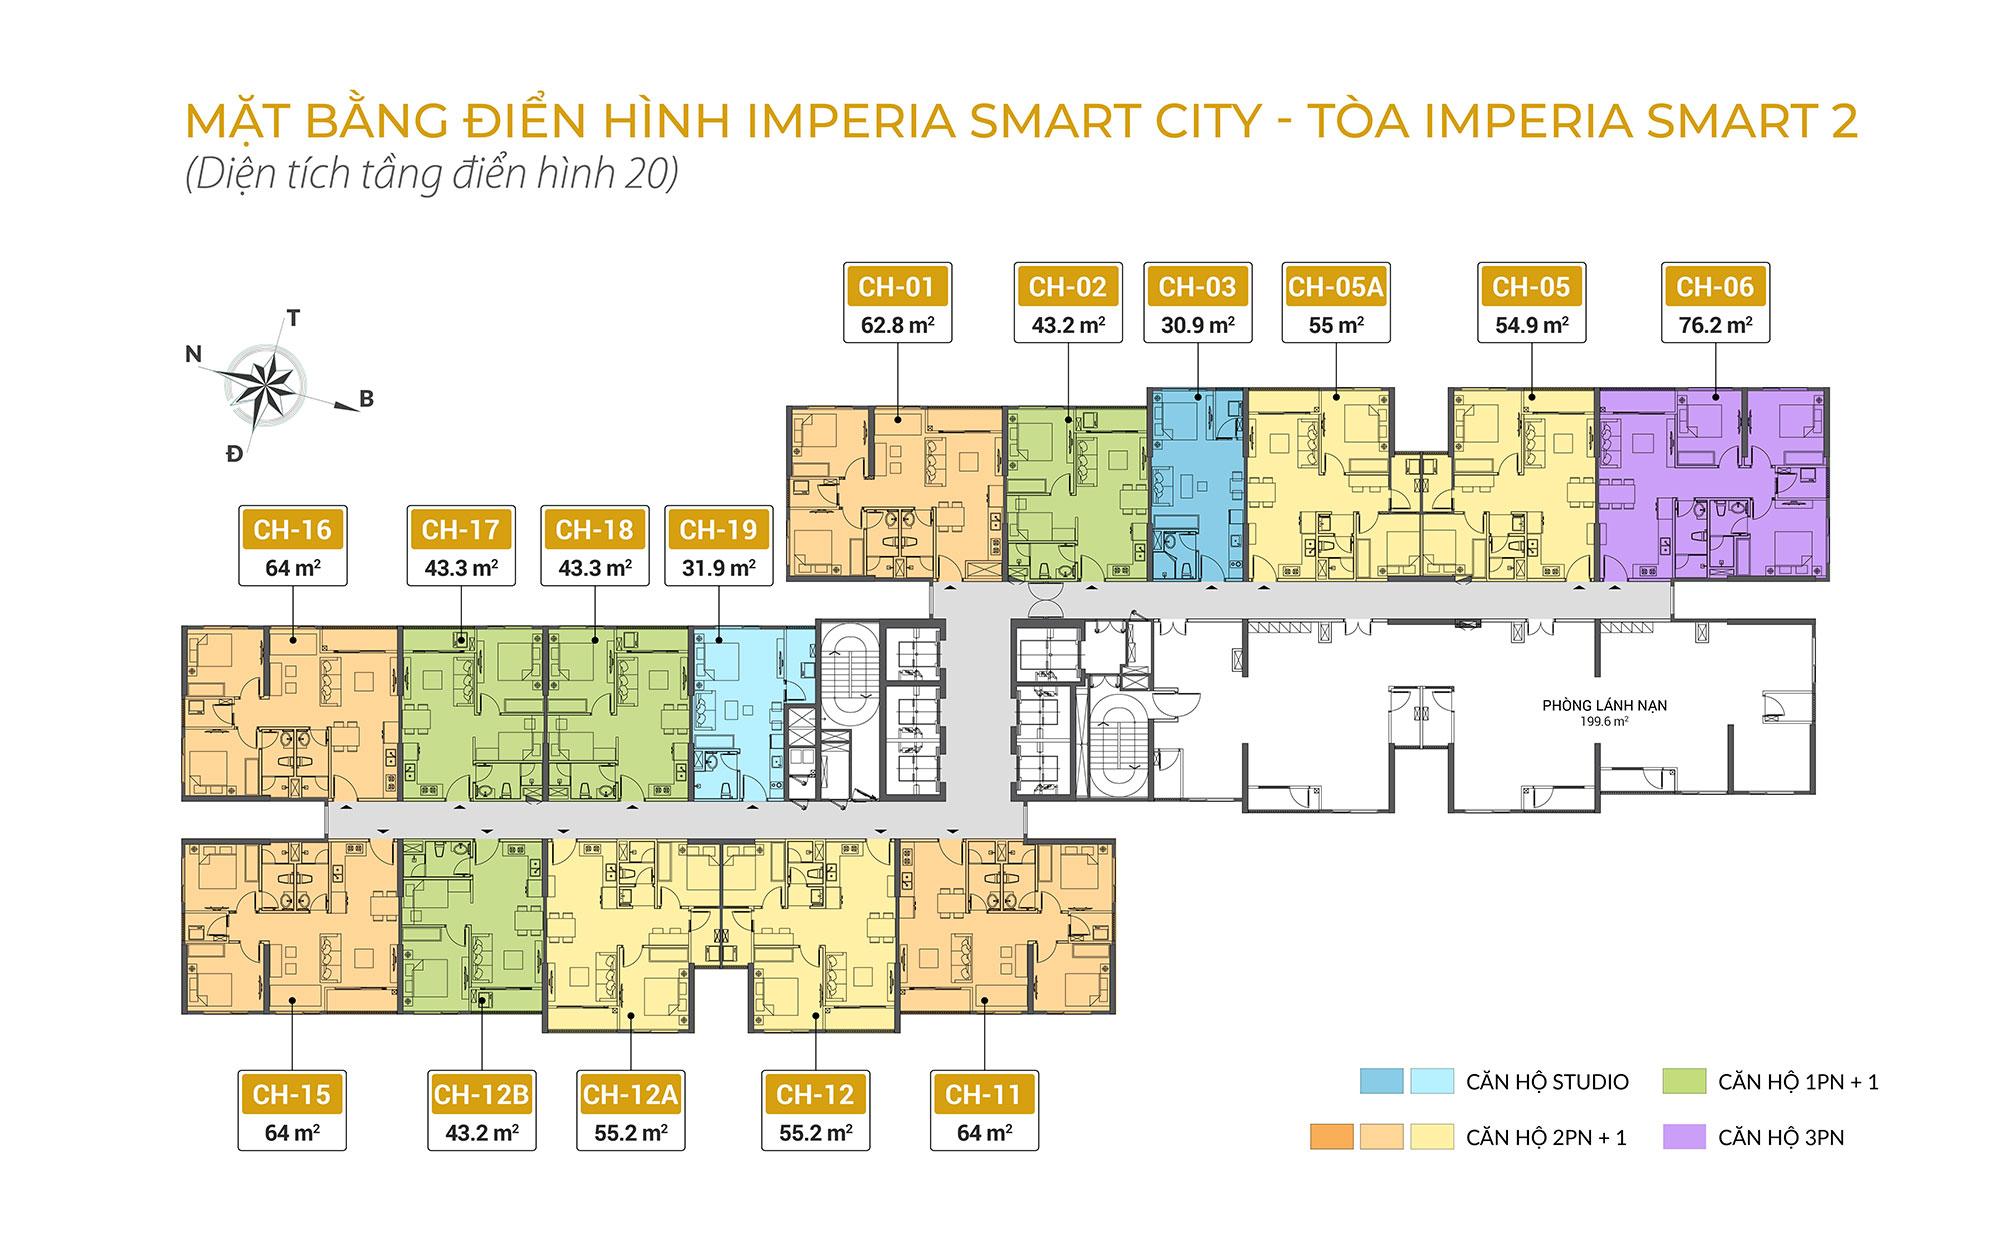 mat-bang-tang-20-toa-imperia-smart-2-imperia-smart-city